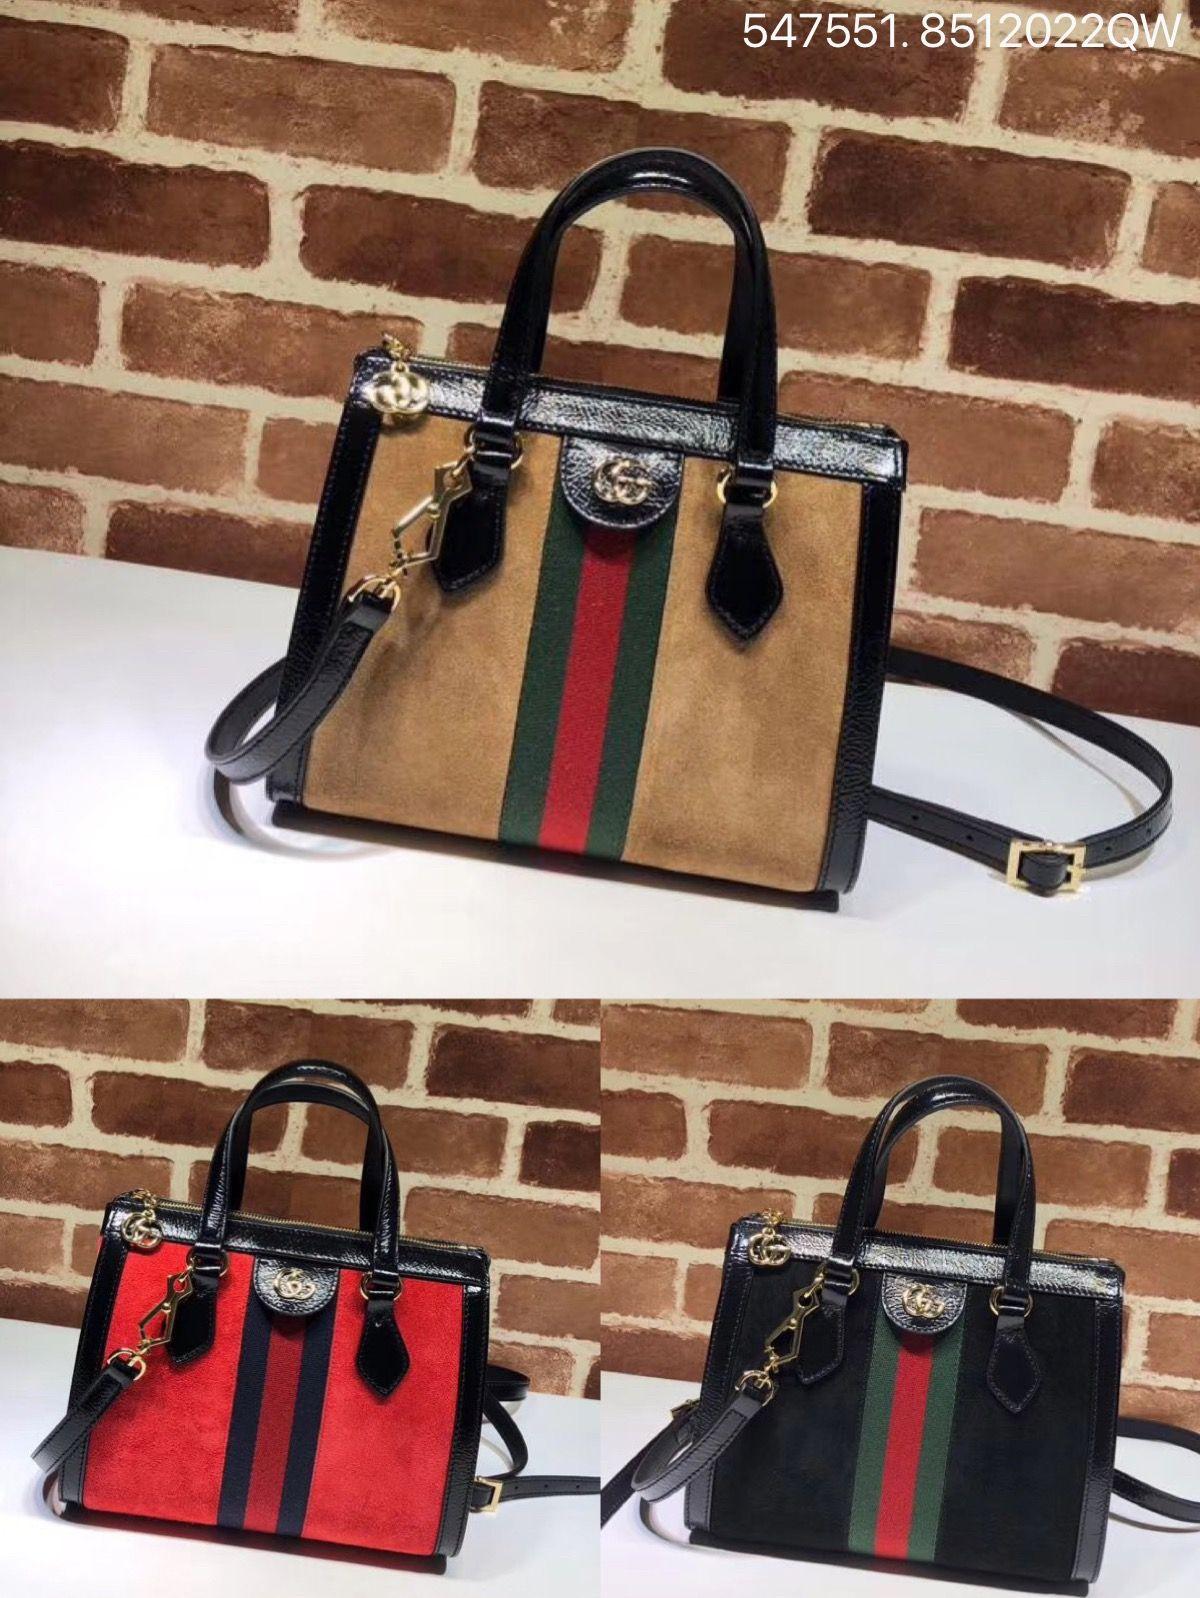 de867c702a3 Gucci ophidia small GG suede tote bag top handle handbag 547551 ...